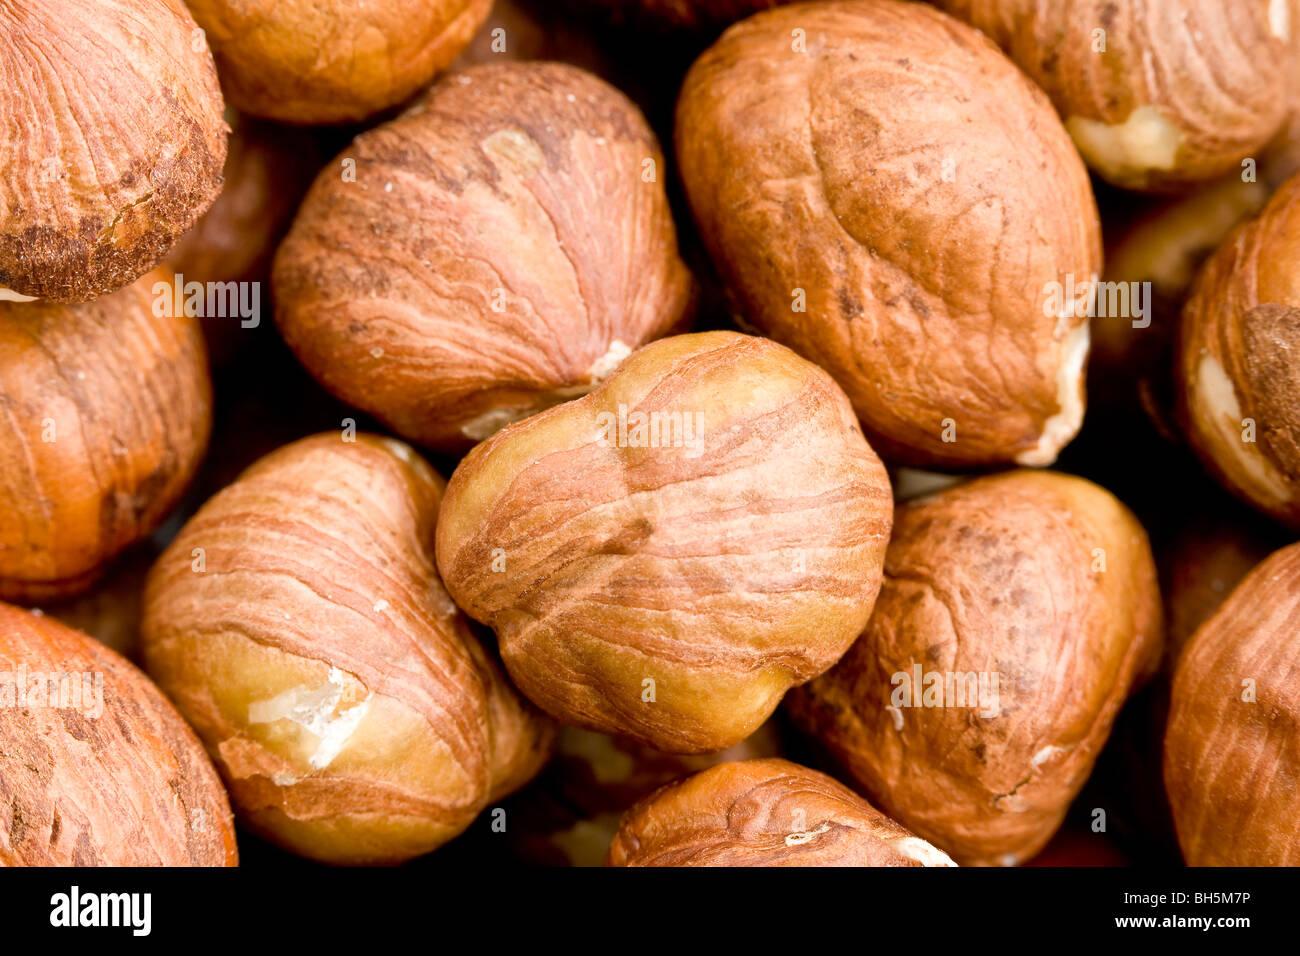 Close up of hazelnut kernels - Stock Image